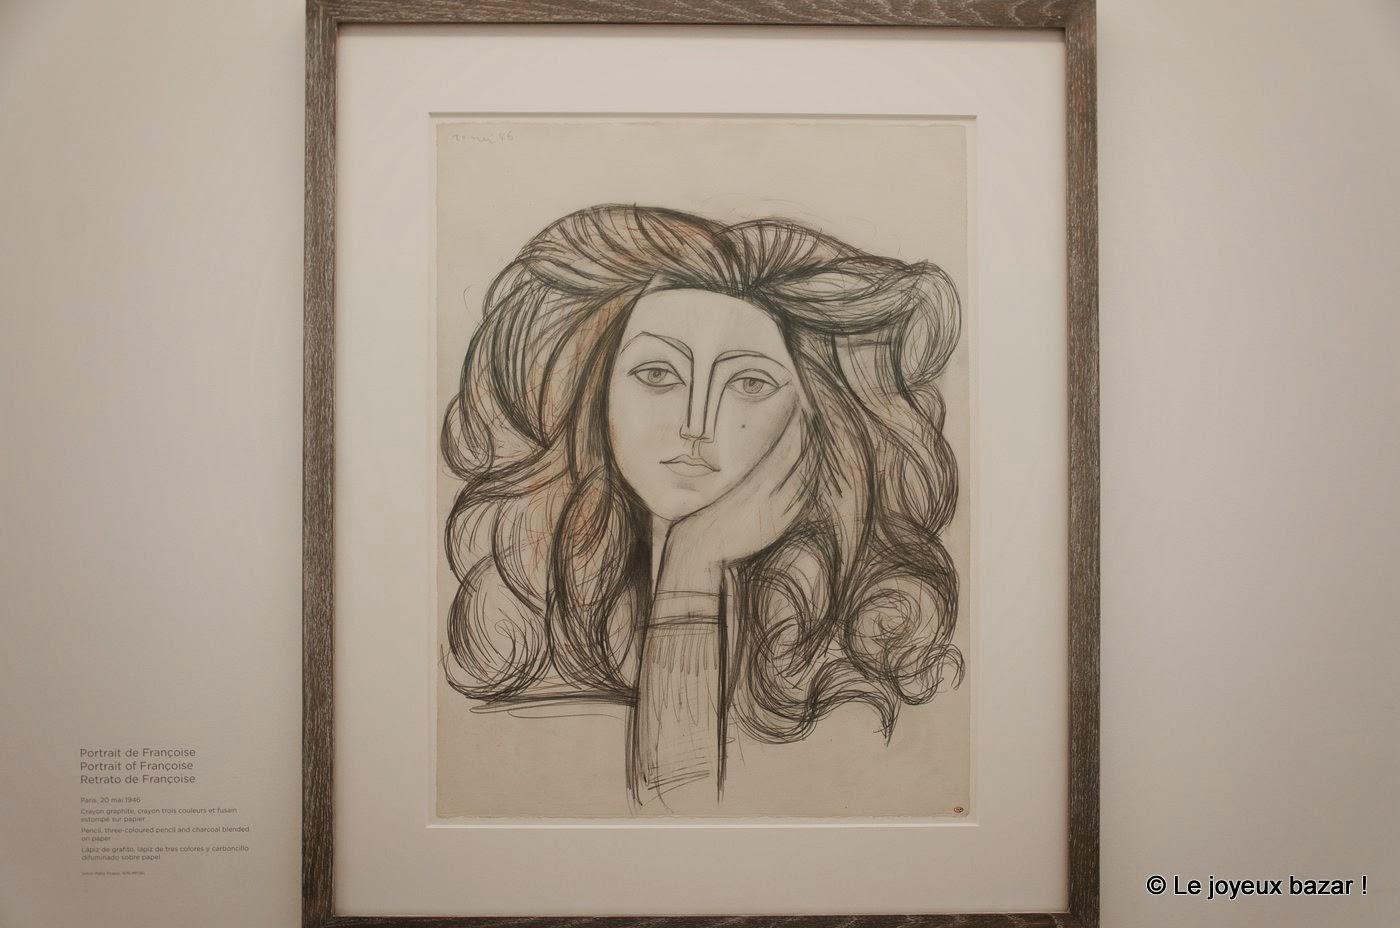 Musee Picasso - Paris - portrait de Francoise